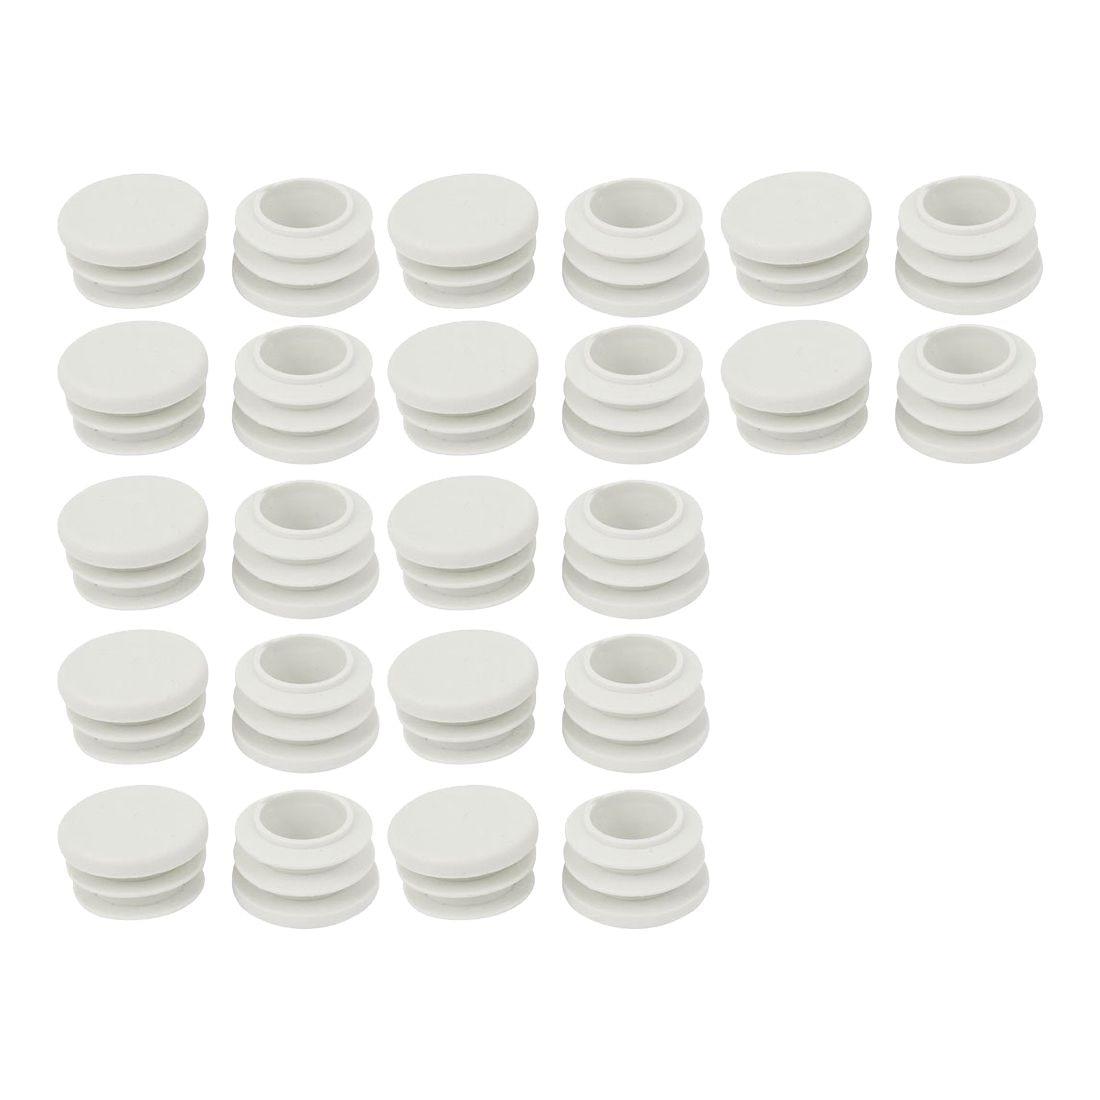 Frugal 18mm Diameter Plastic White Plug Caps Inserts For Tubes Cap 24 Pieces